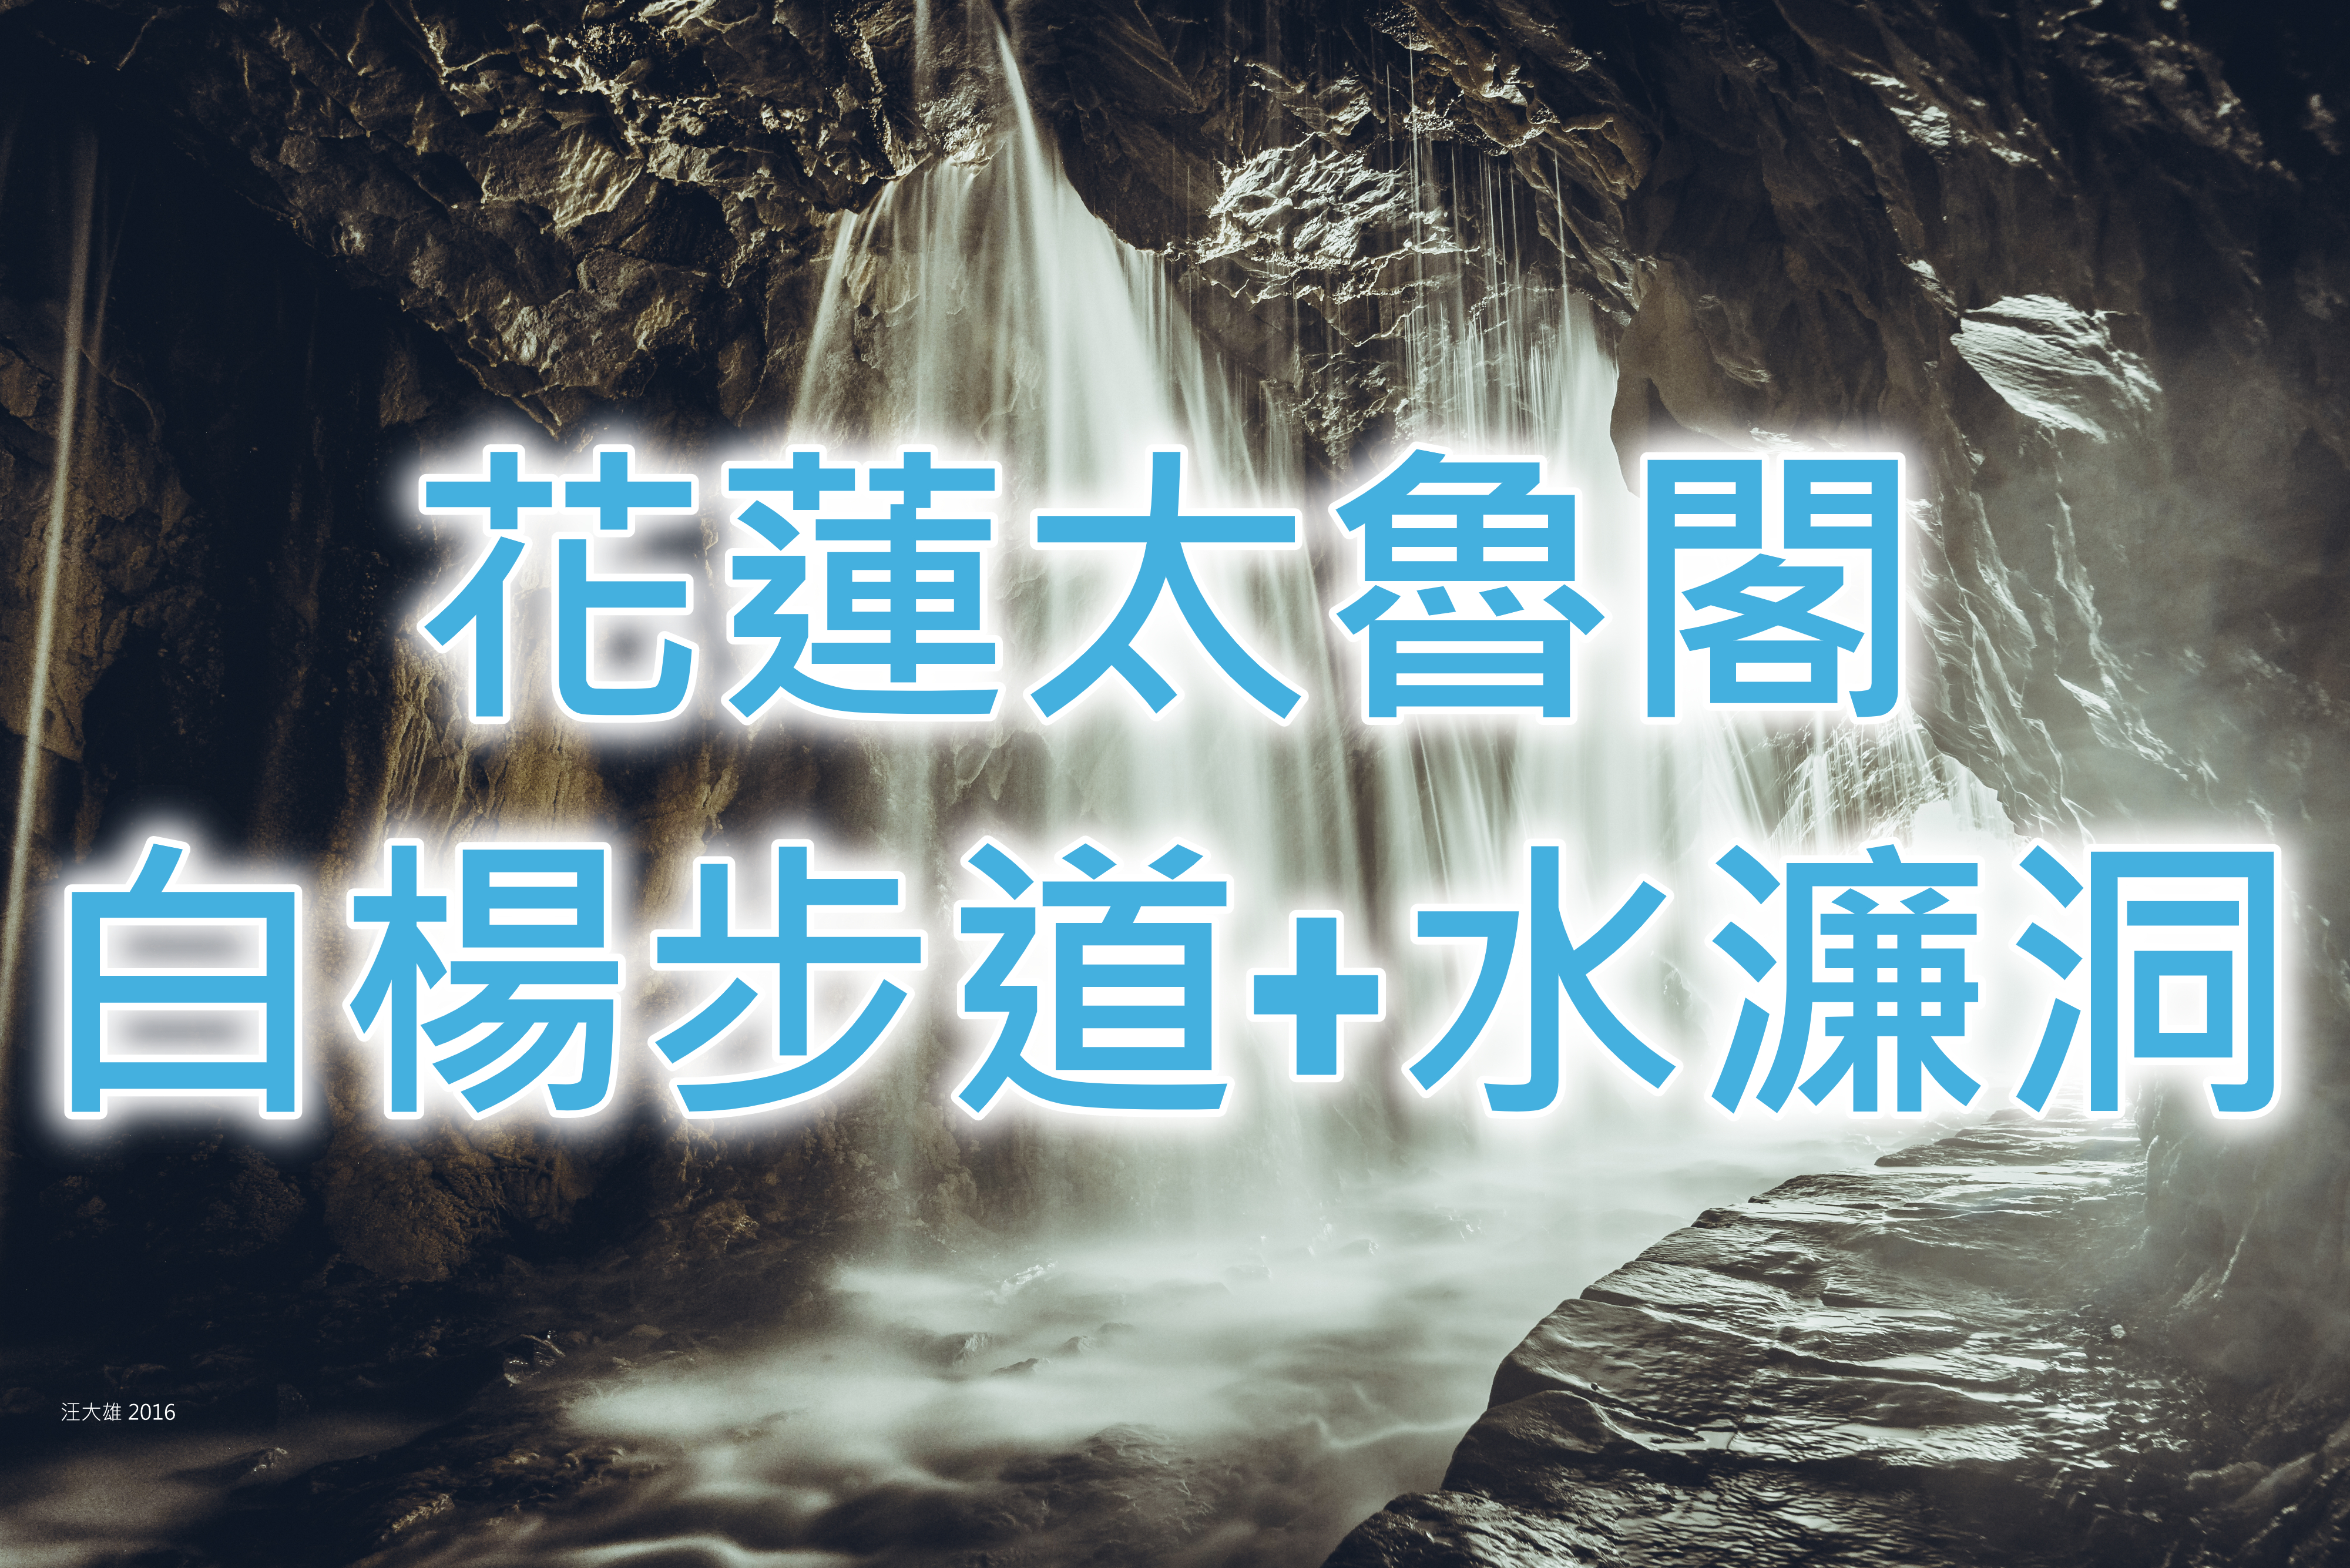 💚【花蓮太魯閣】青山綠水 太魯閣水濂洞一日遊(HUN03)